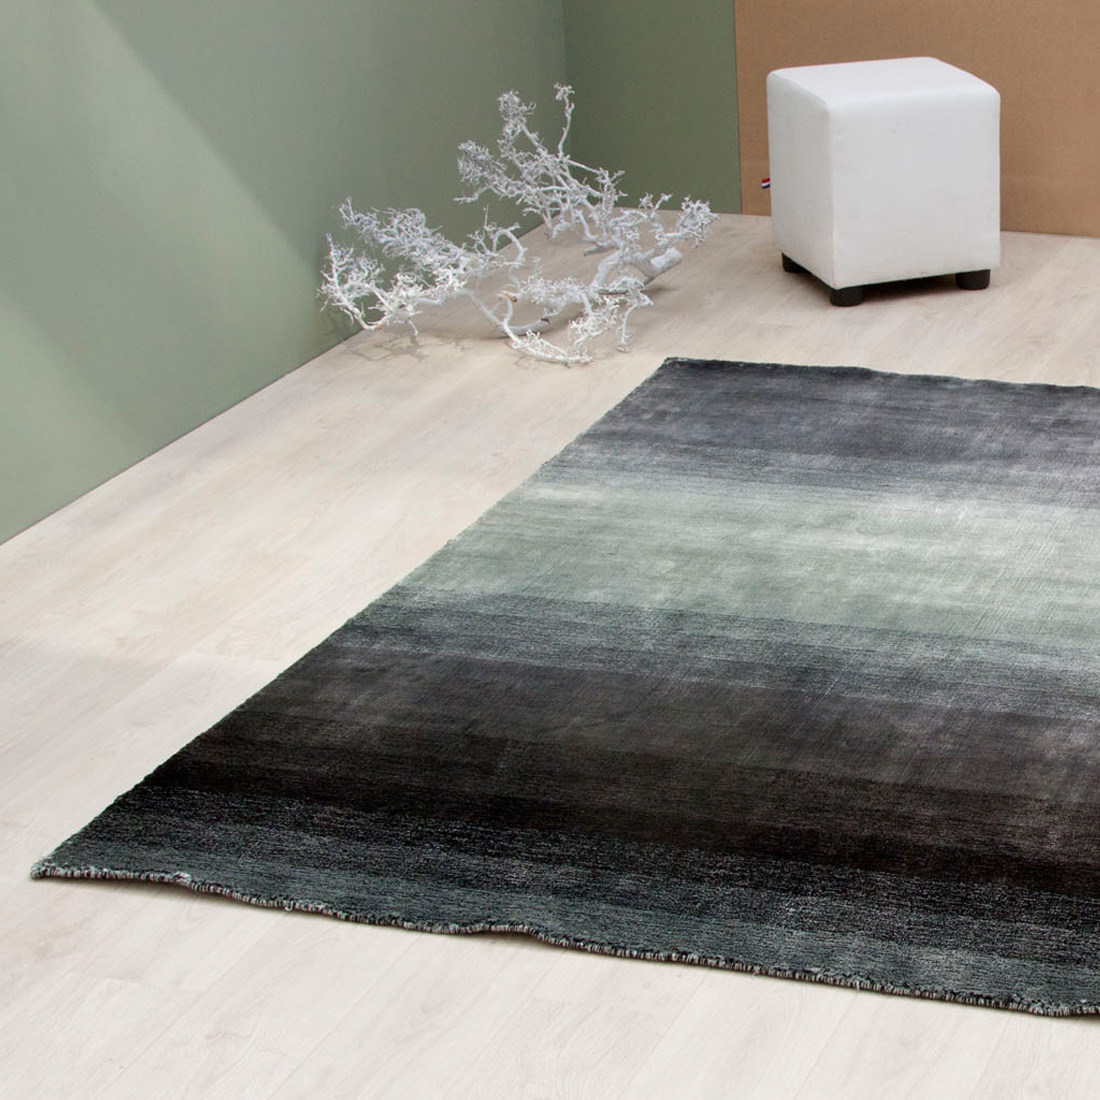 Vloerkleed Xilento Space Anthracite | 170 x 230 cm